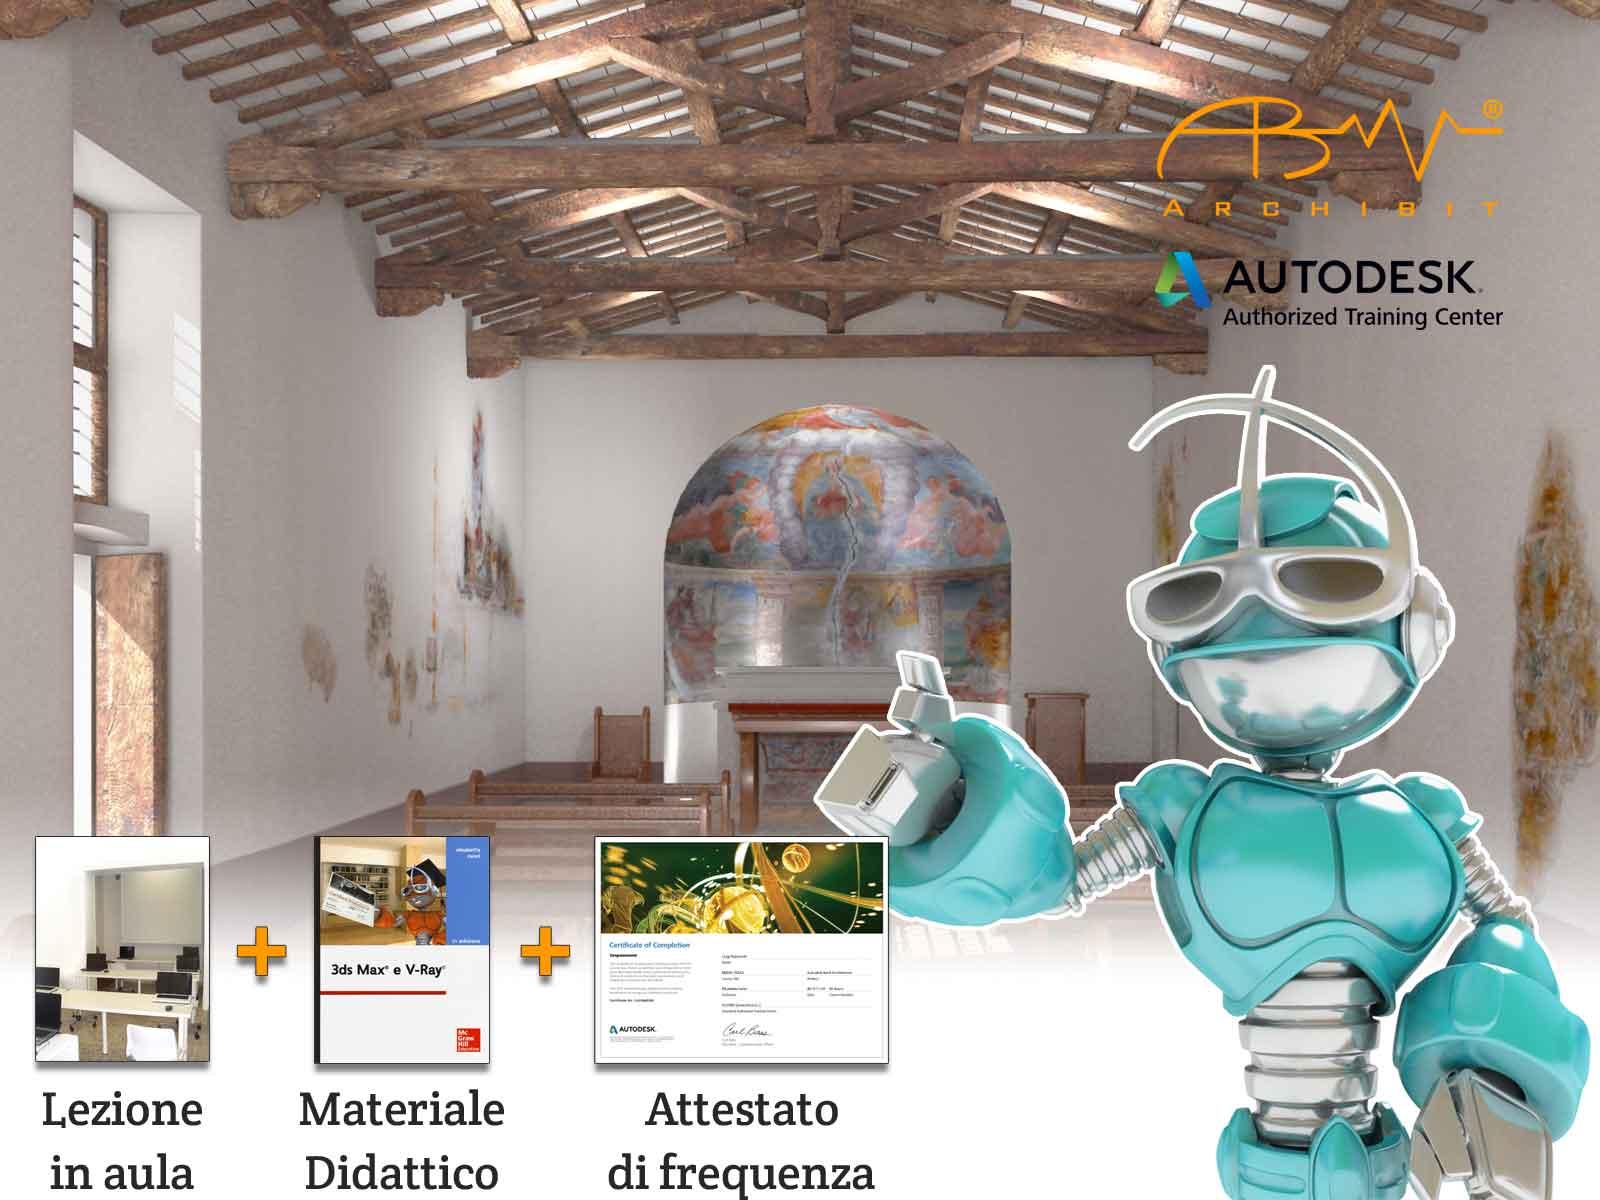 corso 3ds max animazione e fotomontaggio 3d autodesk certificato archibit centro corsi grafica 3d roma